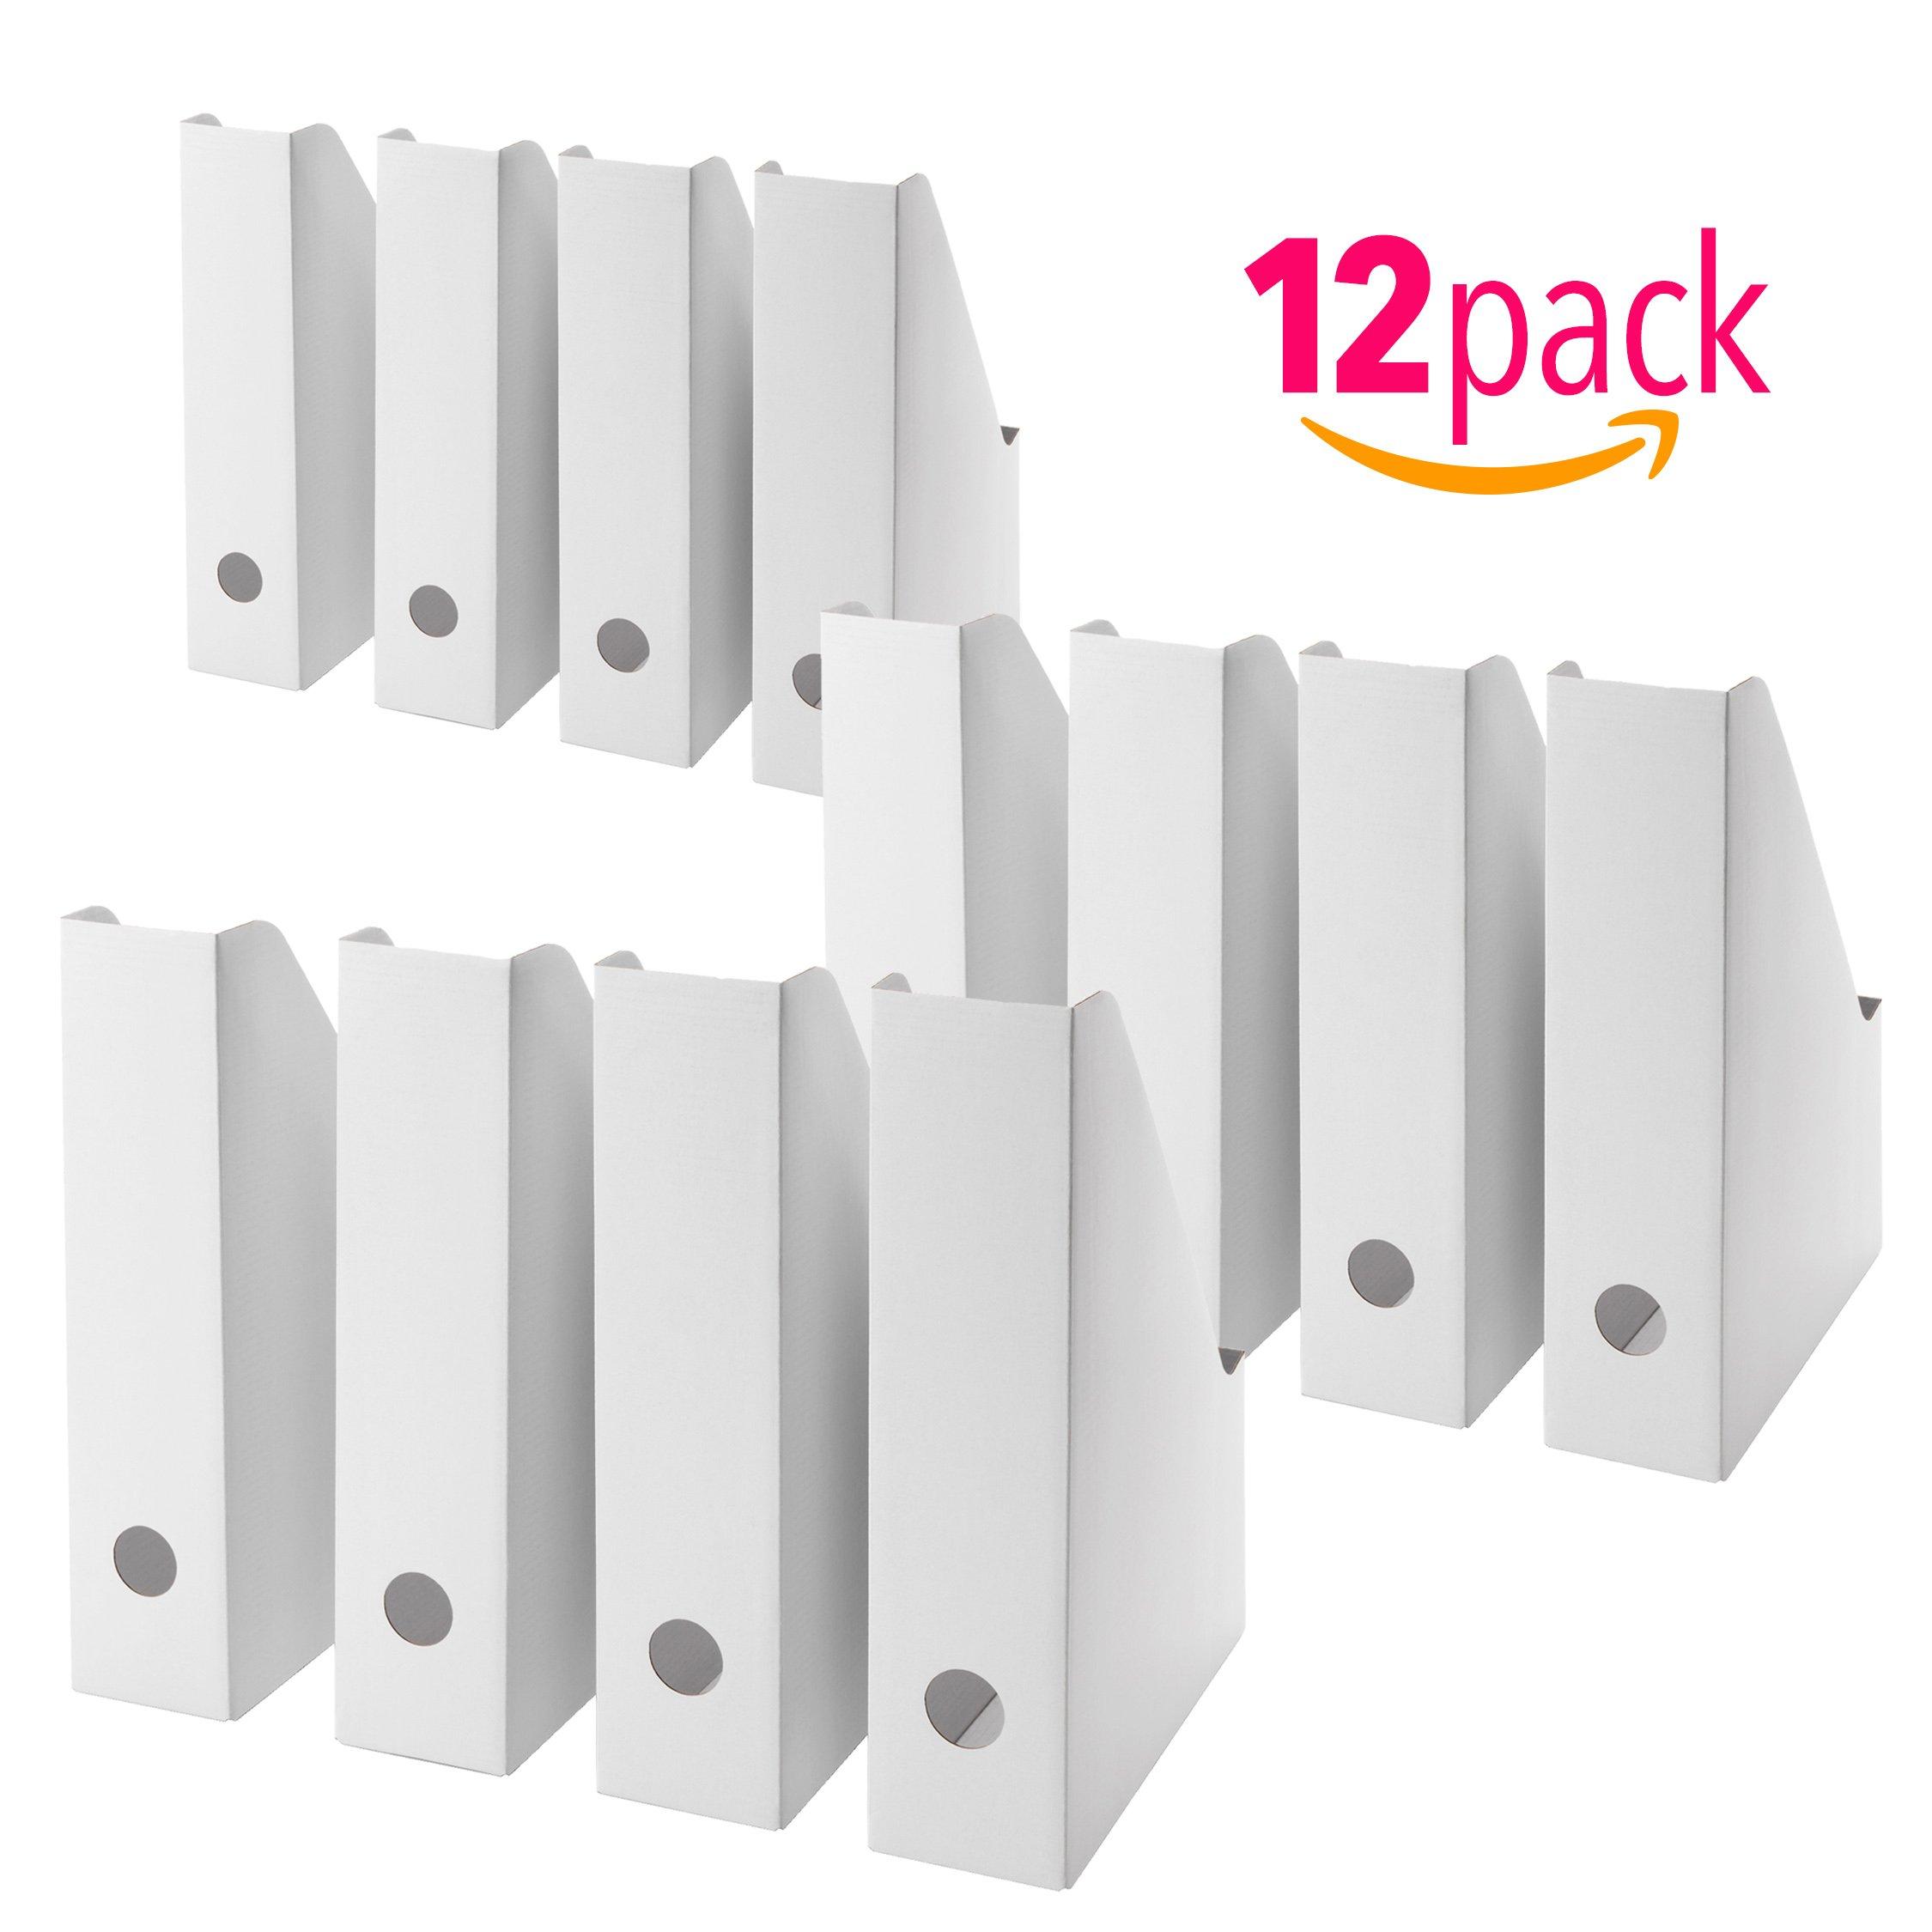 12 Pack Magazine, Document Organiser Holder in White for Office Home use.